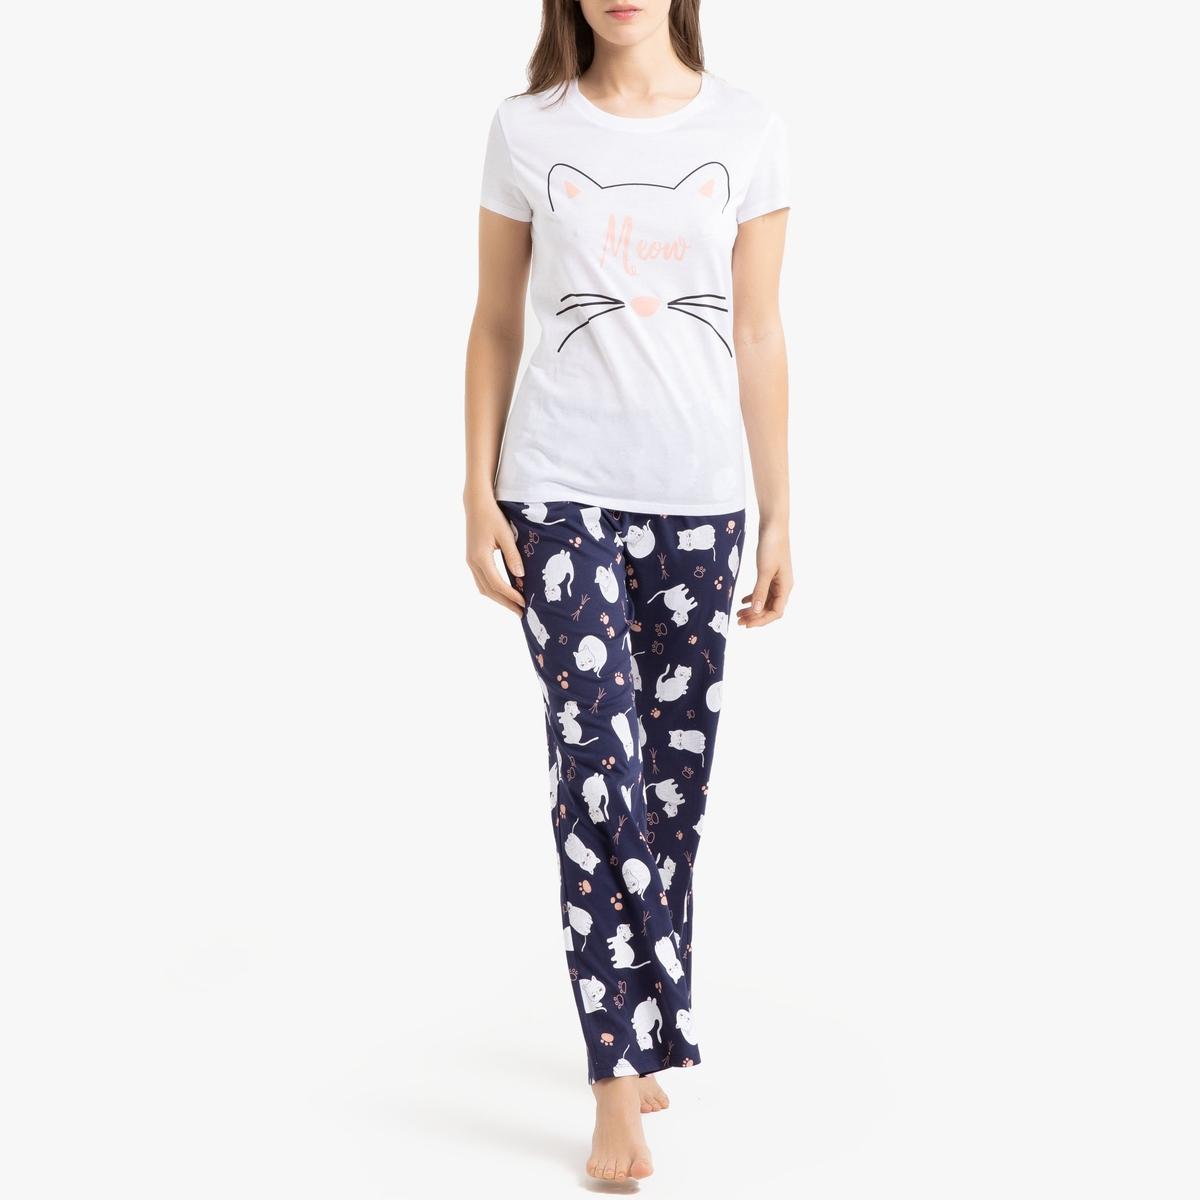 Пижама La Redoute С принтом короткая 46/48 (FR) - 52/54 (RUS) белый пижама la redoute с принтом короткая 34 36 fr 40 42 rus белый